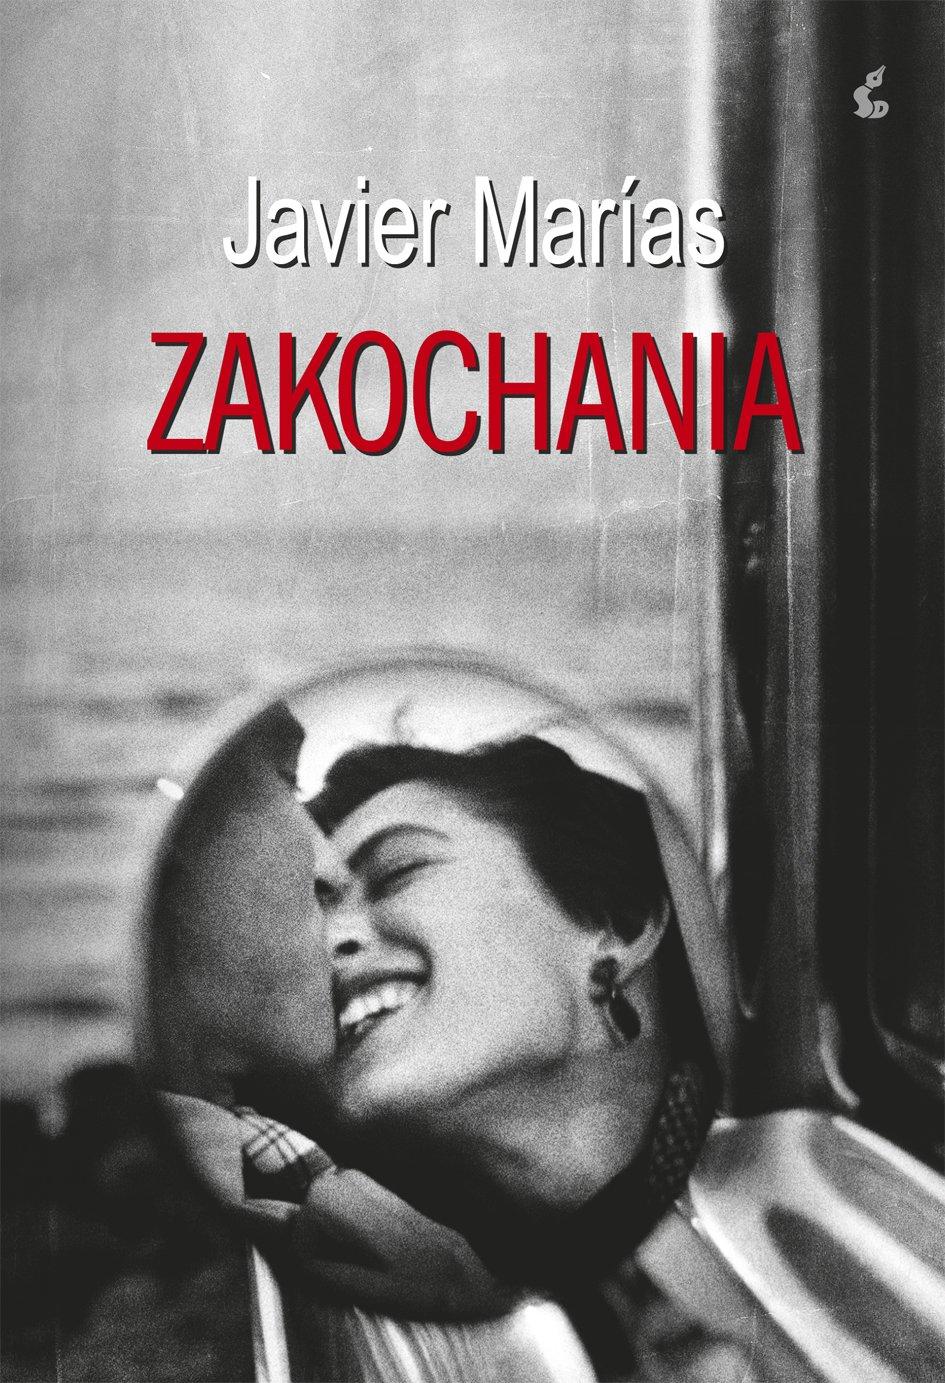 Zakochania - Ebook (Książka EPUB) do pobrania w formacie EPUB